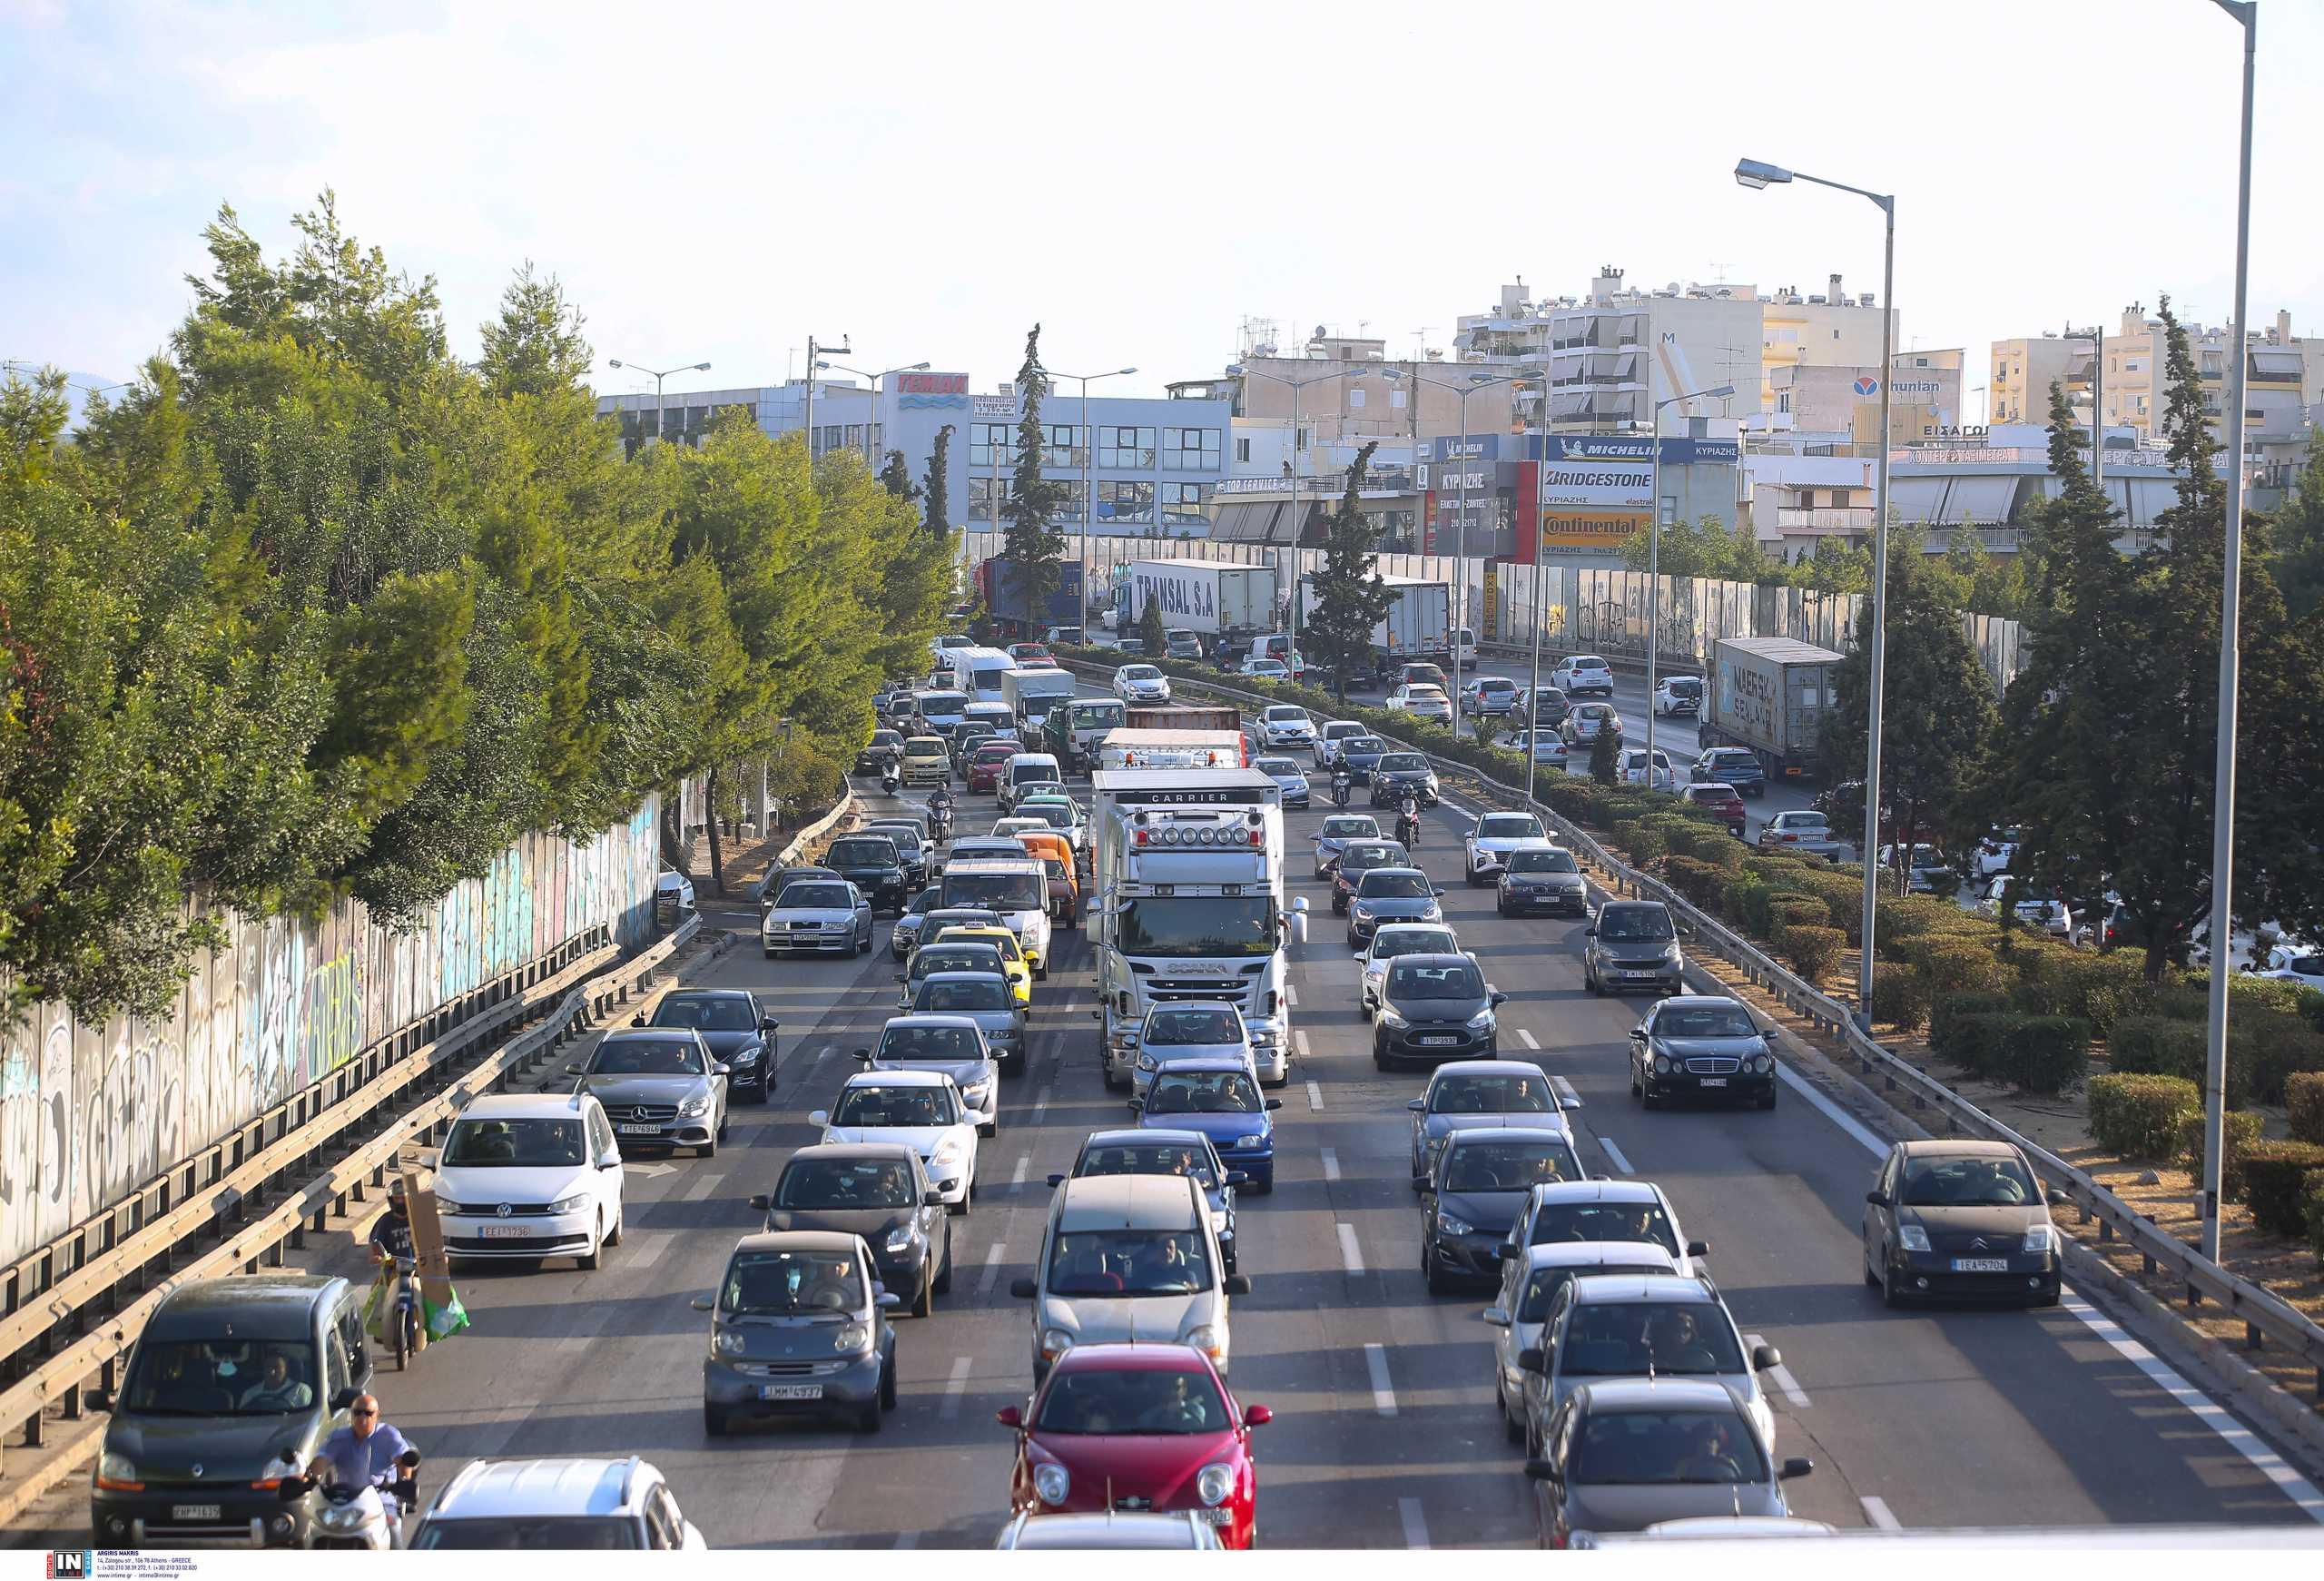 Κίνηση στους δρόμους: Μεγάλο μποτιλιάρισμα σε πολλά σημεία στην Αττική Οδό